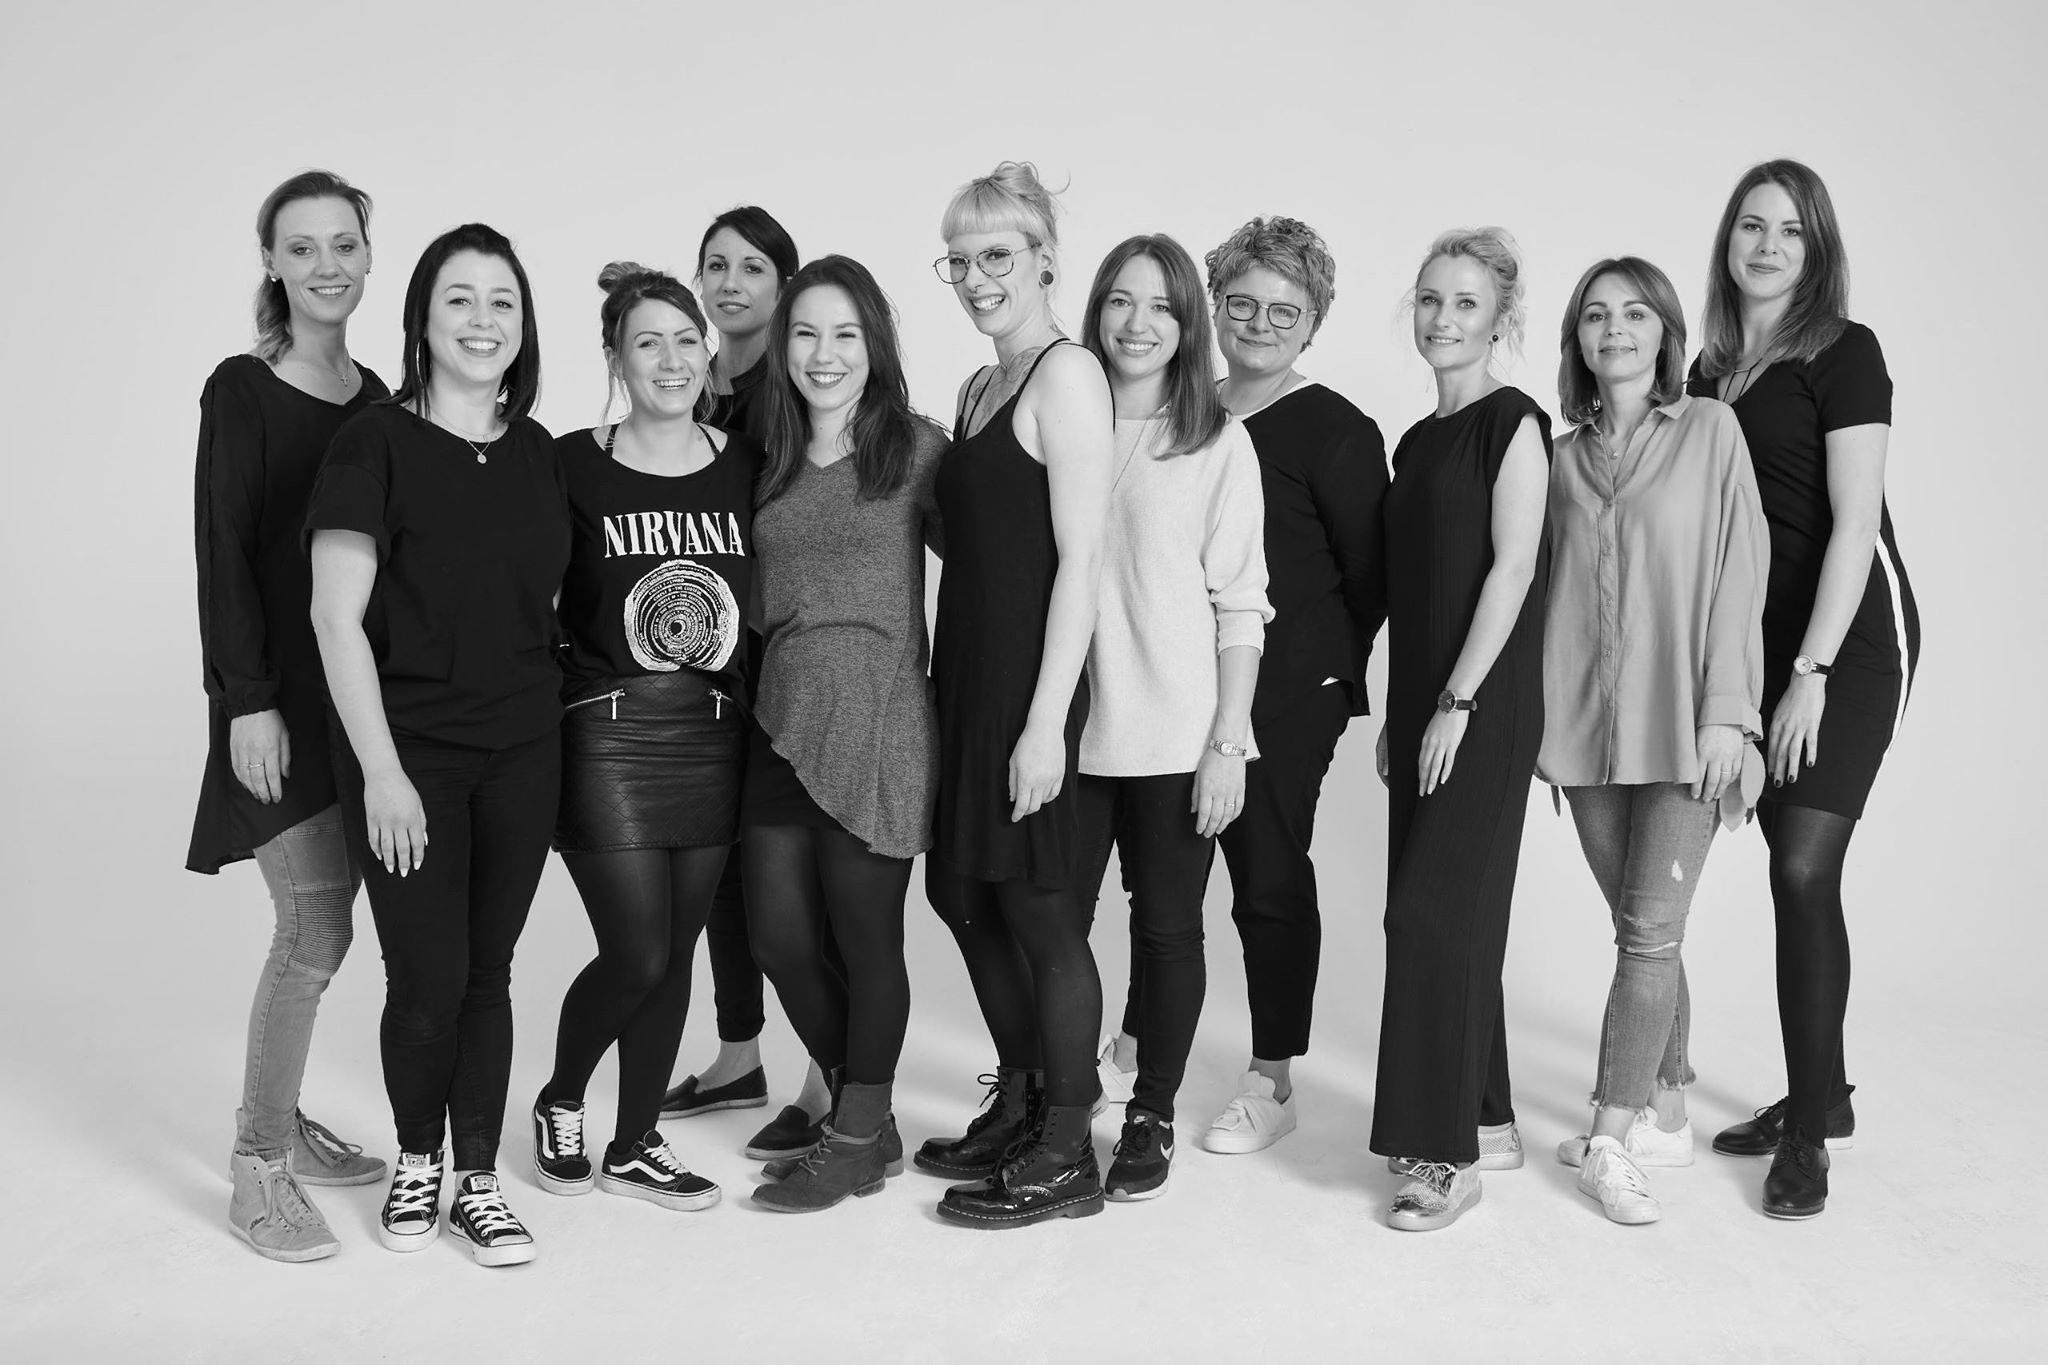 """+++ Fotoshooting Haarstudio Wieser +++ Auf dem Foto seht Ihr all die Mitarbeiter vom Unternehmen Haarstudio Wieser https://www.facebook.com/haarstudiowieser/ aus Mammendorf (München) die vor kurzem ein mega cooles Fotoshooting umgesetzt haben. Das Unternehmen ist Flagship Partner von La Biosthetique Paris, hat 5 Salons mit insgesamt 55 Mitarbeitern und gehört zu den erfolgreichsten Friseurunternehmen in der Region München! In diesem Jahr startet die zweite Marketing Kampagne """"Wieser Gesicht 2018"""" Mehr News folgen in Kürze....freut euch also schon jetzt auf tolle Bilder und Arbeiten von einem sehr kreativen und hoch motivierten Team.Mehr News findet Ihr auch auf meiner Instagram Page auf https://www.instagram.com/kukuck_marketingberater/"""